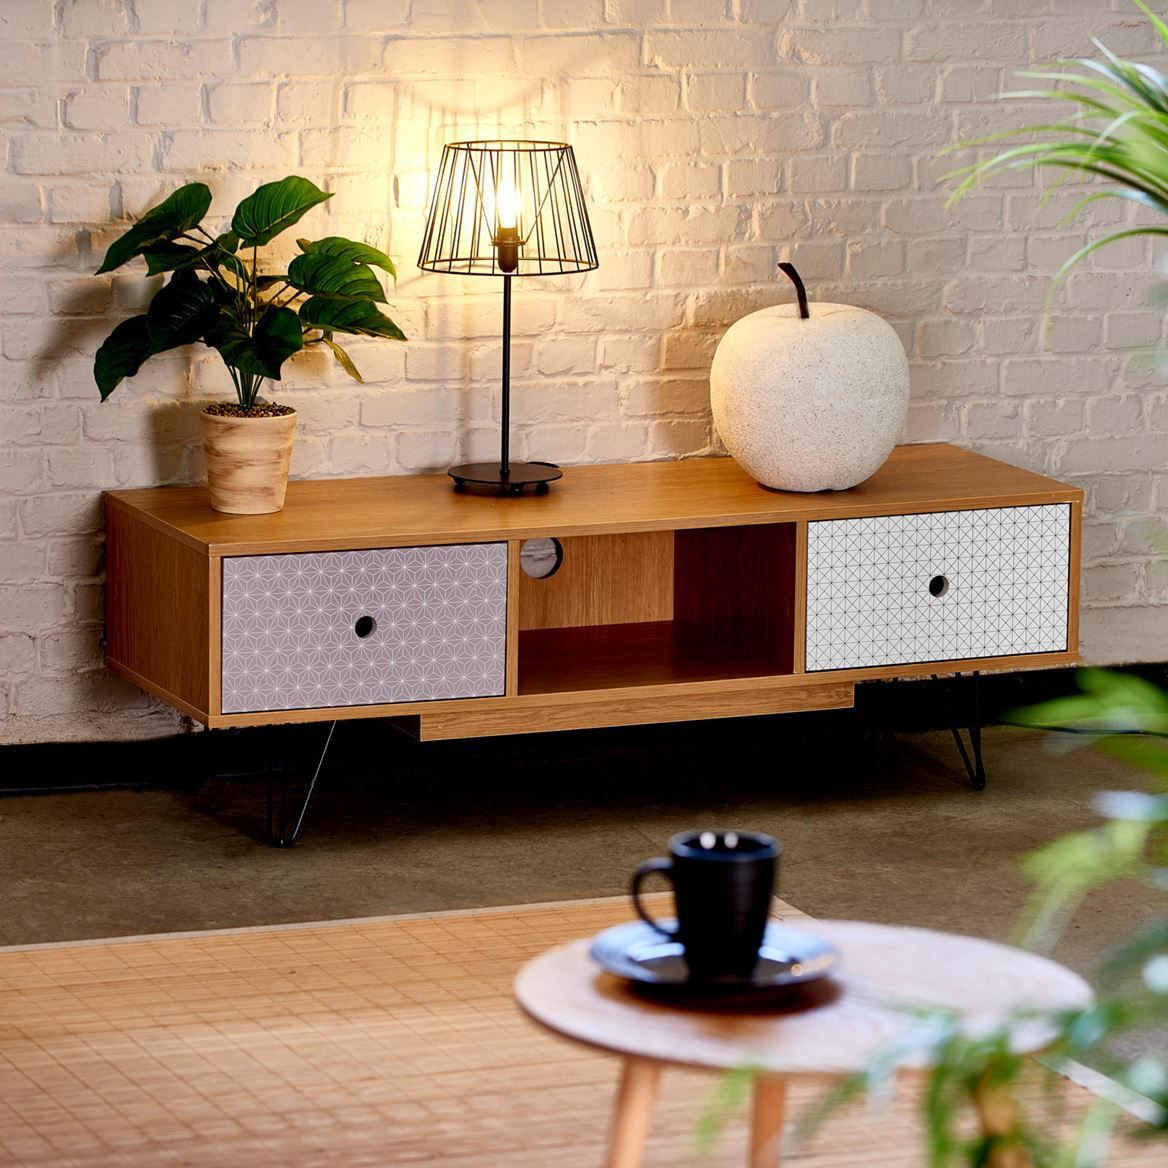 Lennon Movel Tv 581609 10 Jpg Meuble Tv Mobilier De Salon Idees Pour La Maison